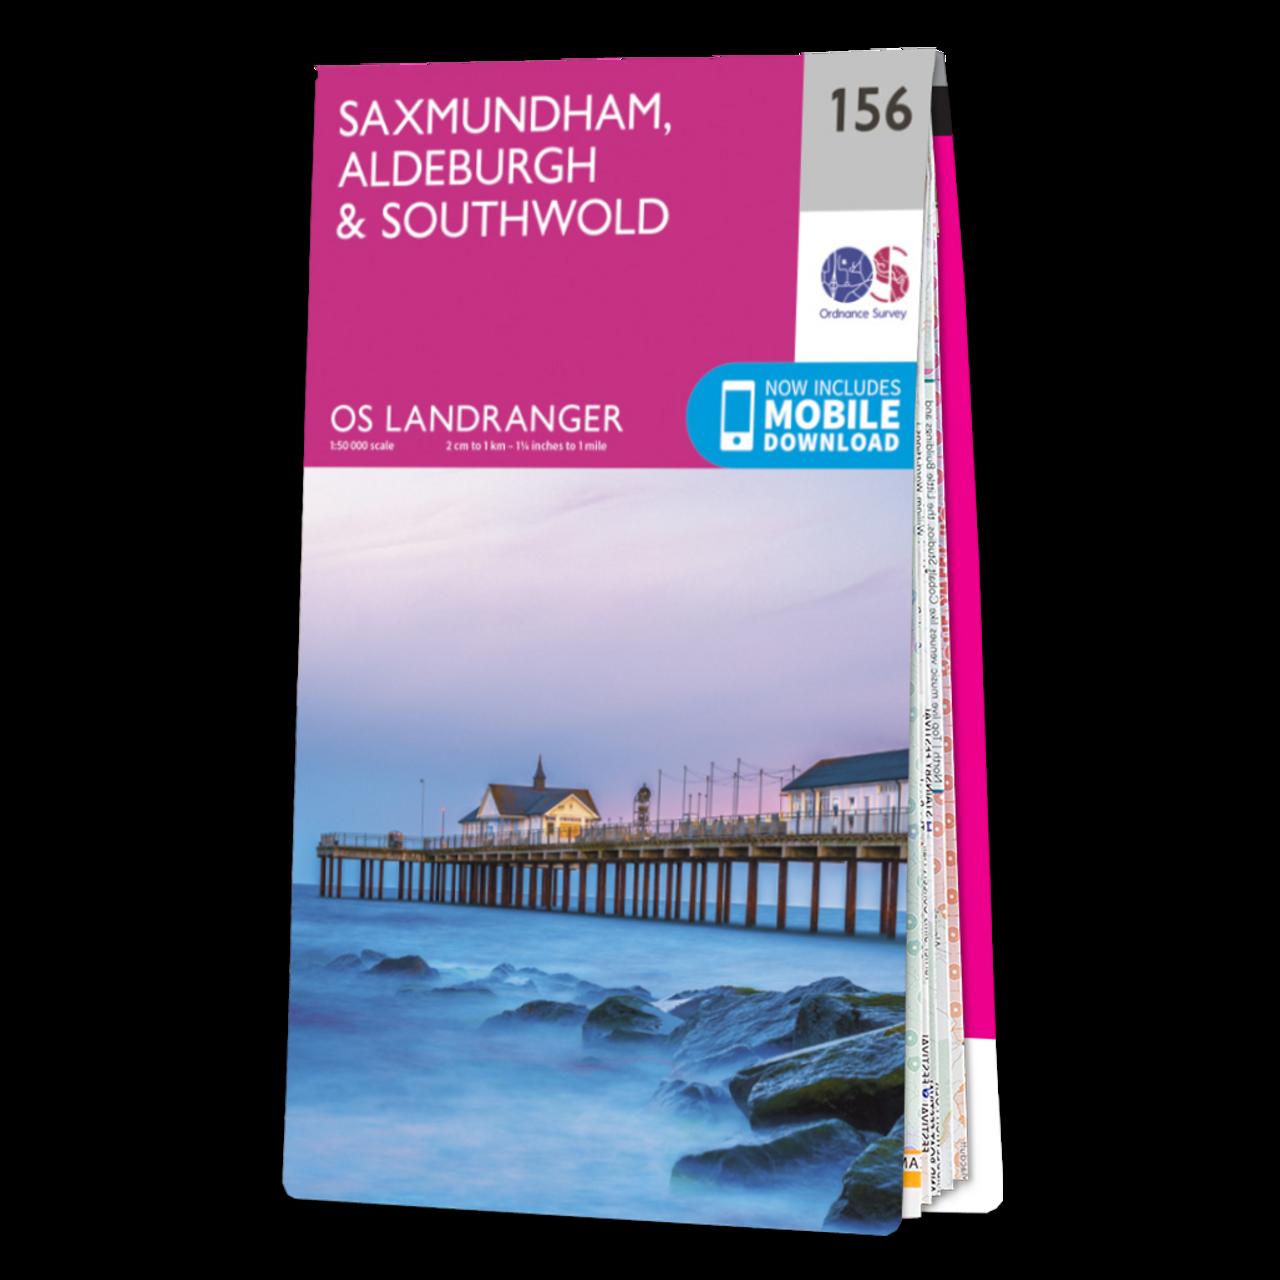 Map Of Saxmundham  AldeburghandSouthwold